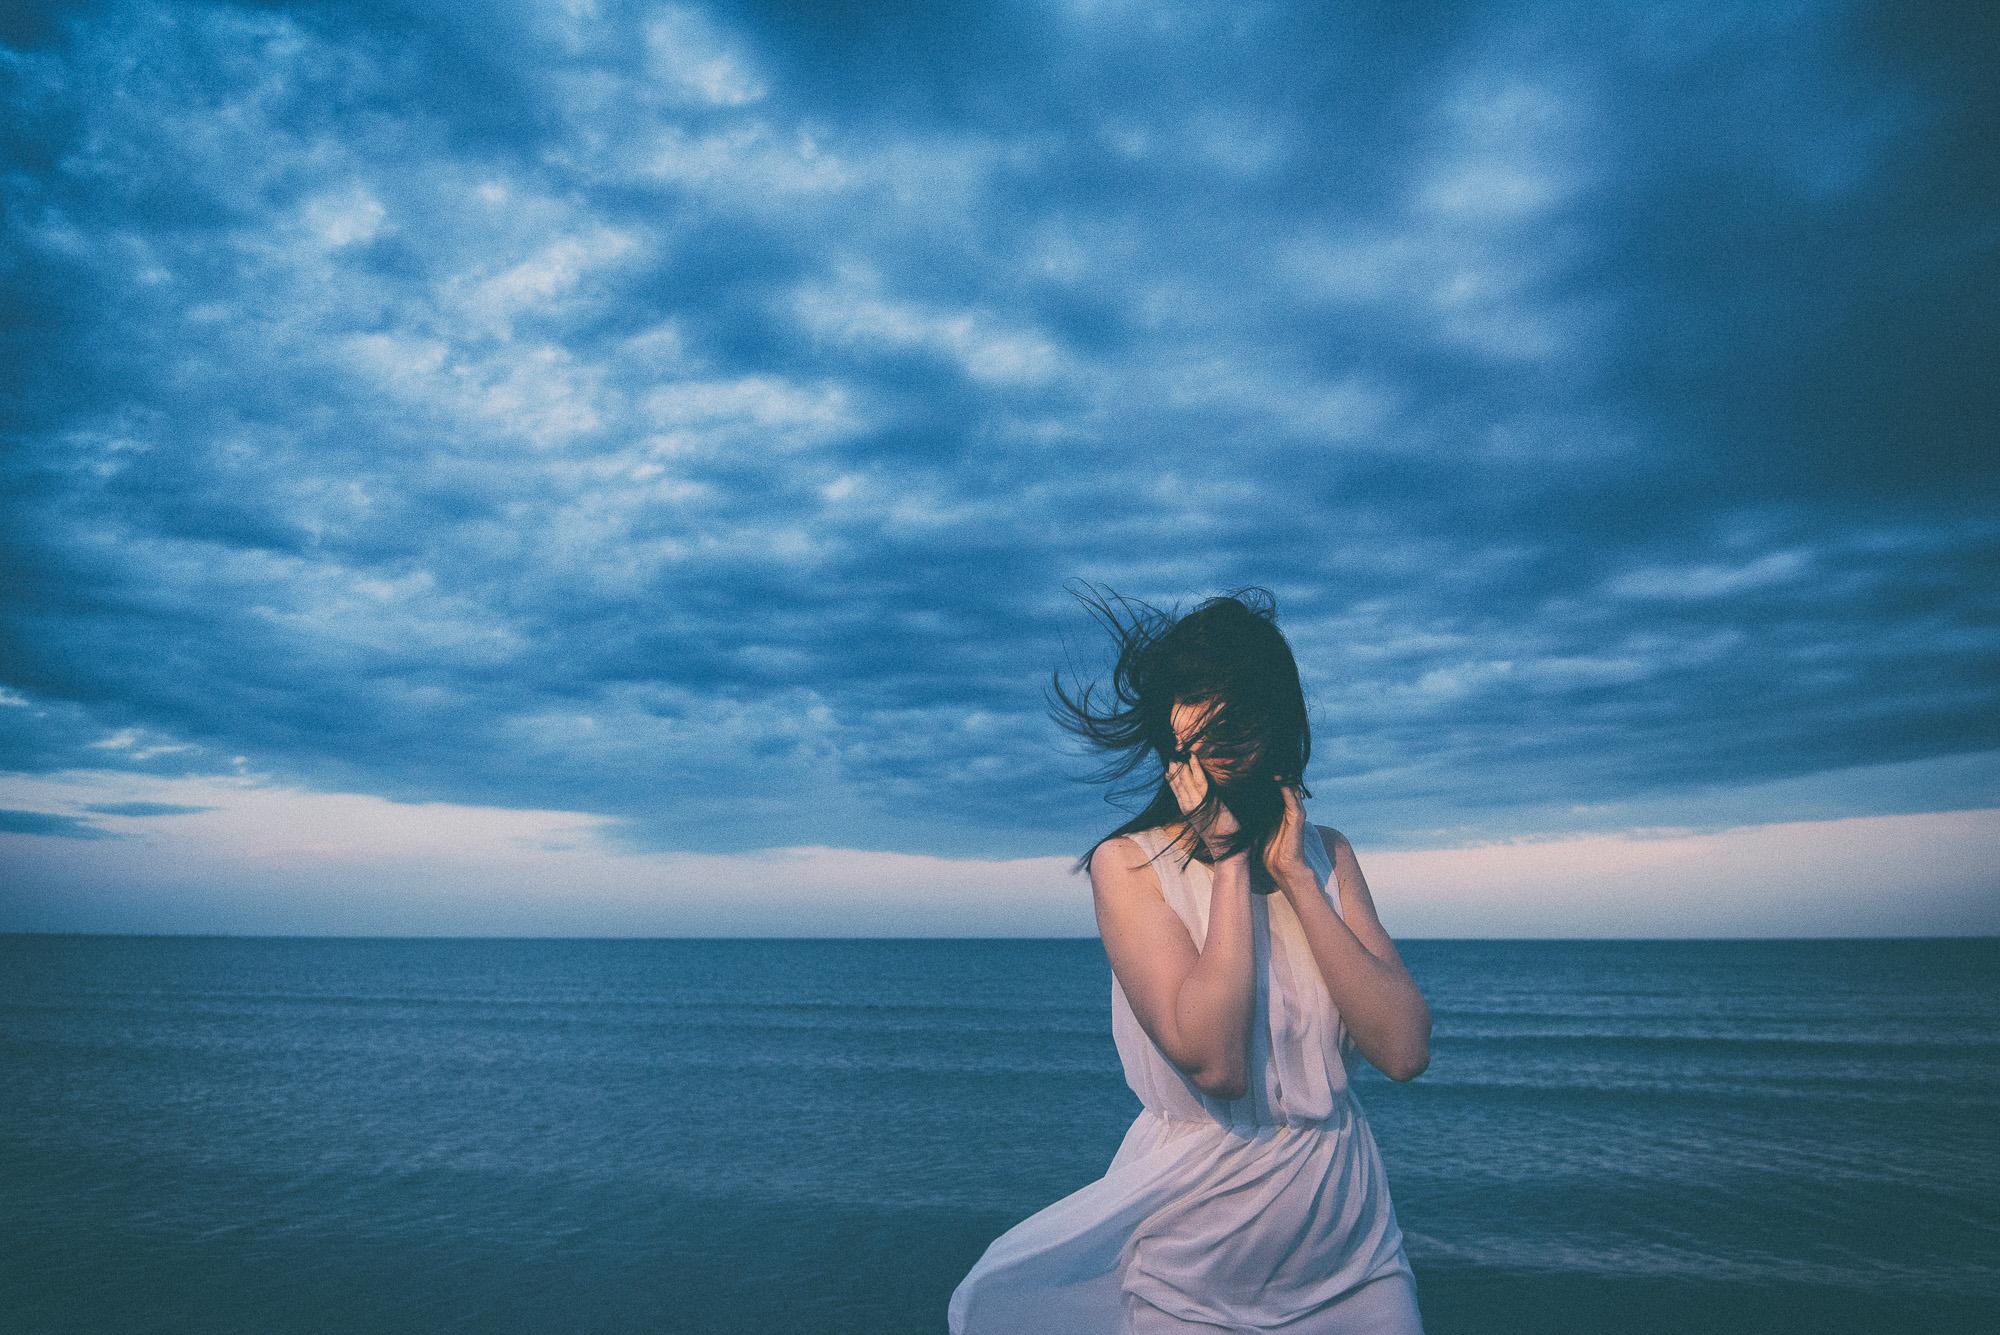 sedinta foto Constanta plaja corbu (5)